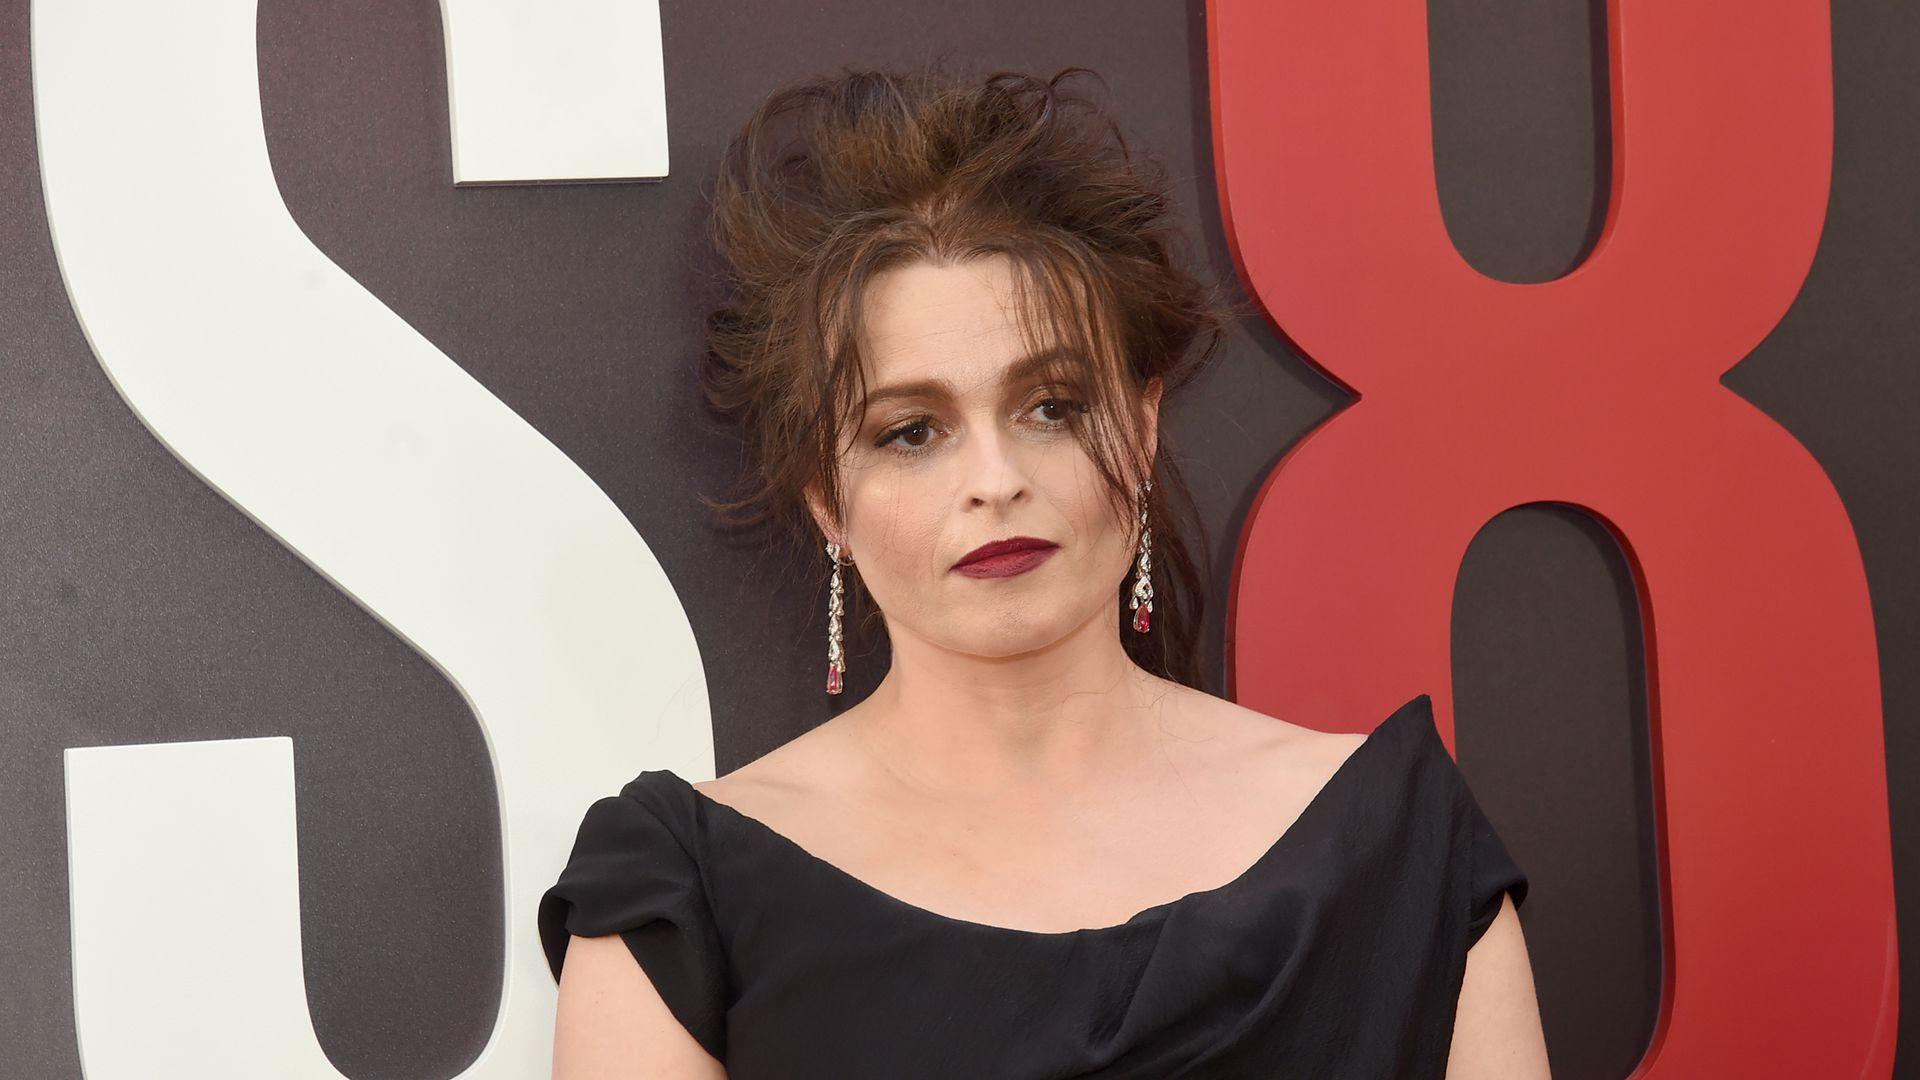 Fiktion? Helena Bonham Carter äußert sich zu The Crown